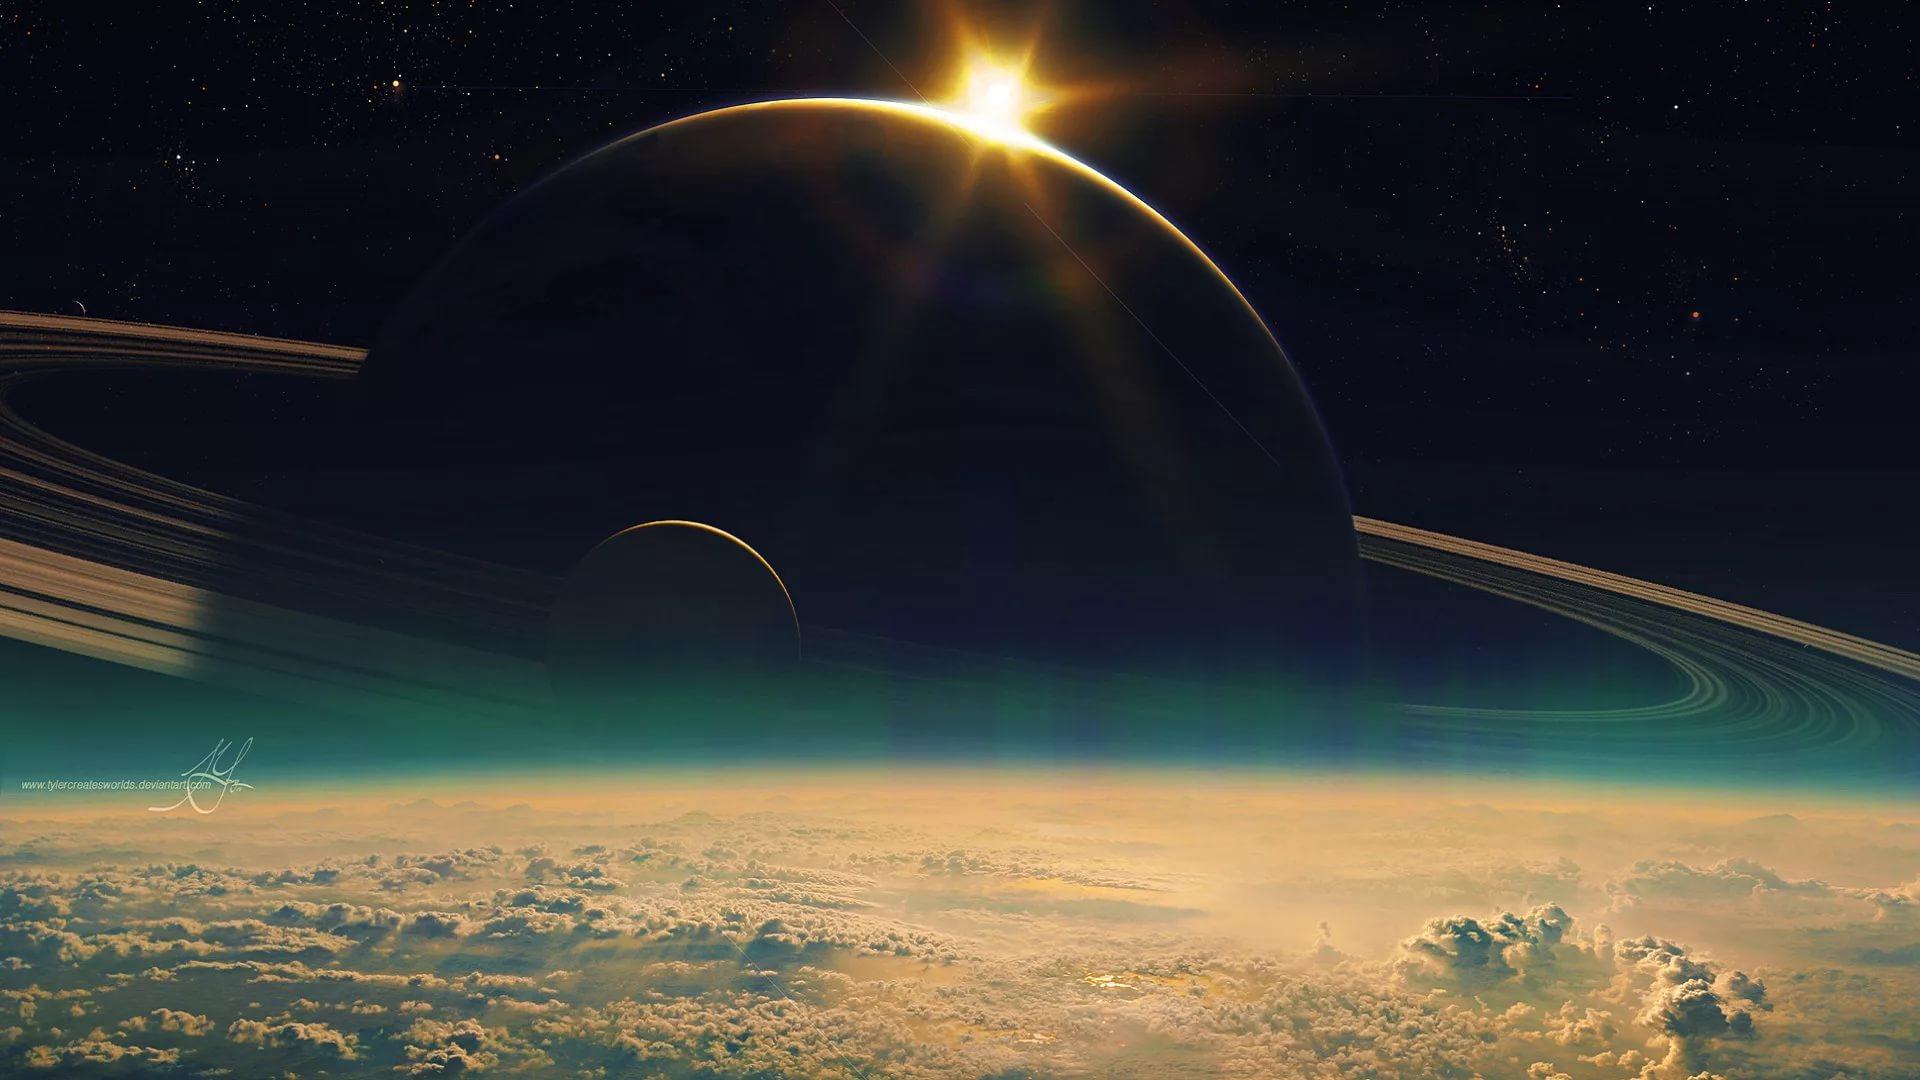 Дискретность пространства и энергии.